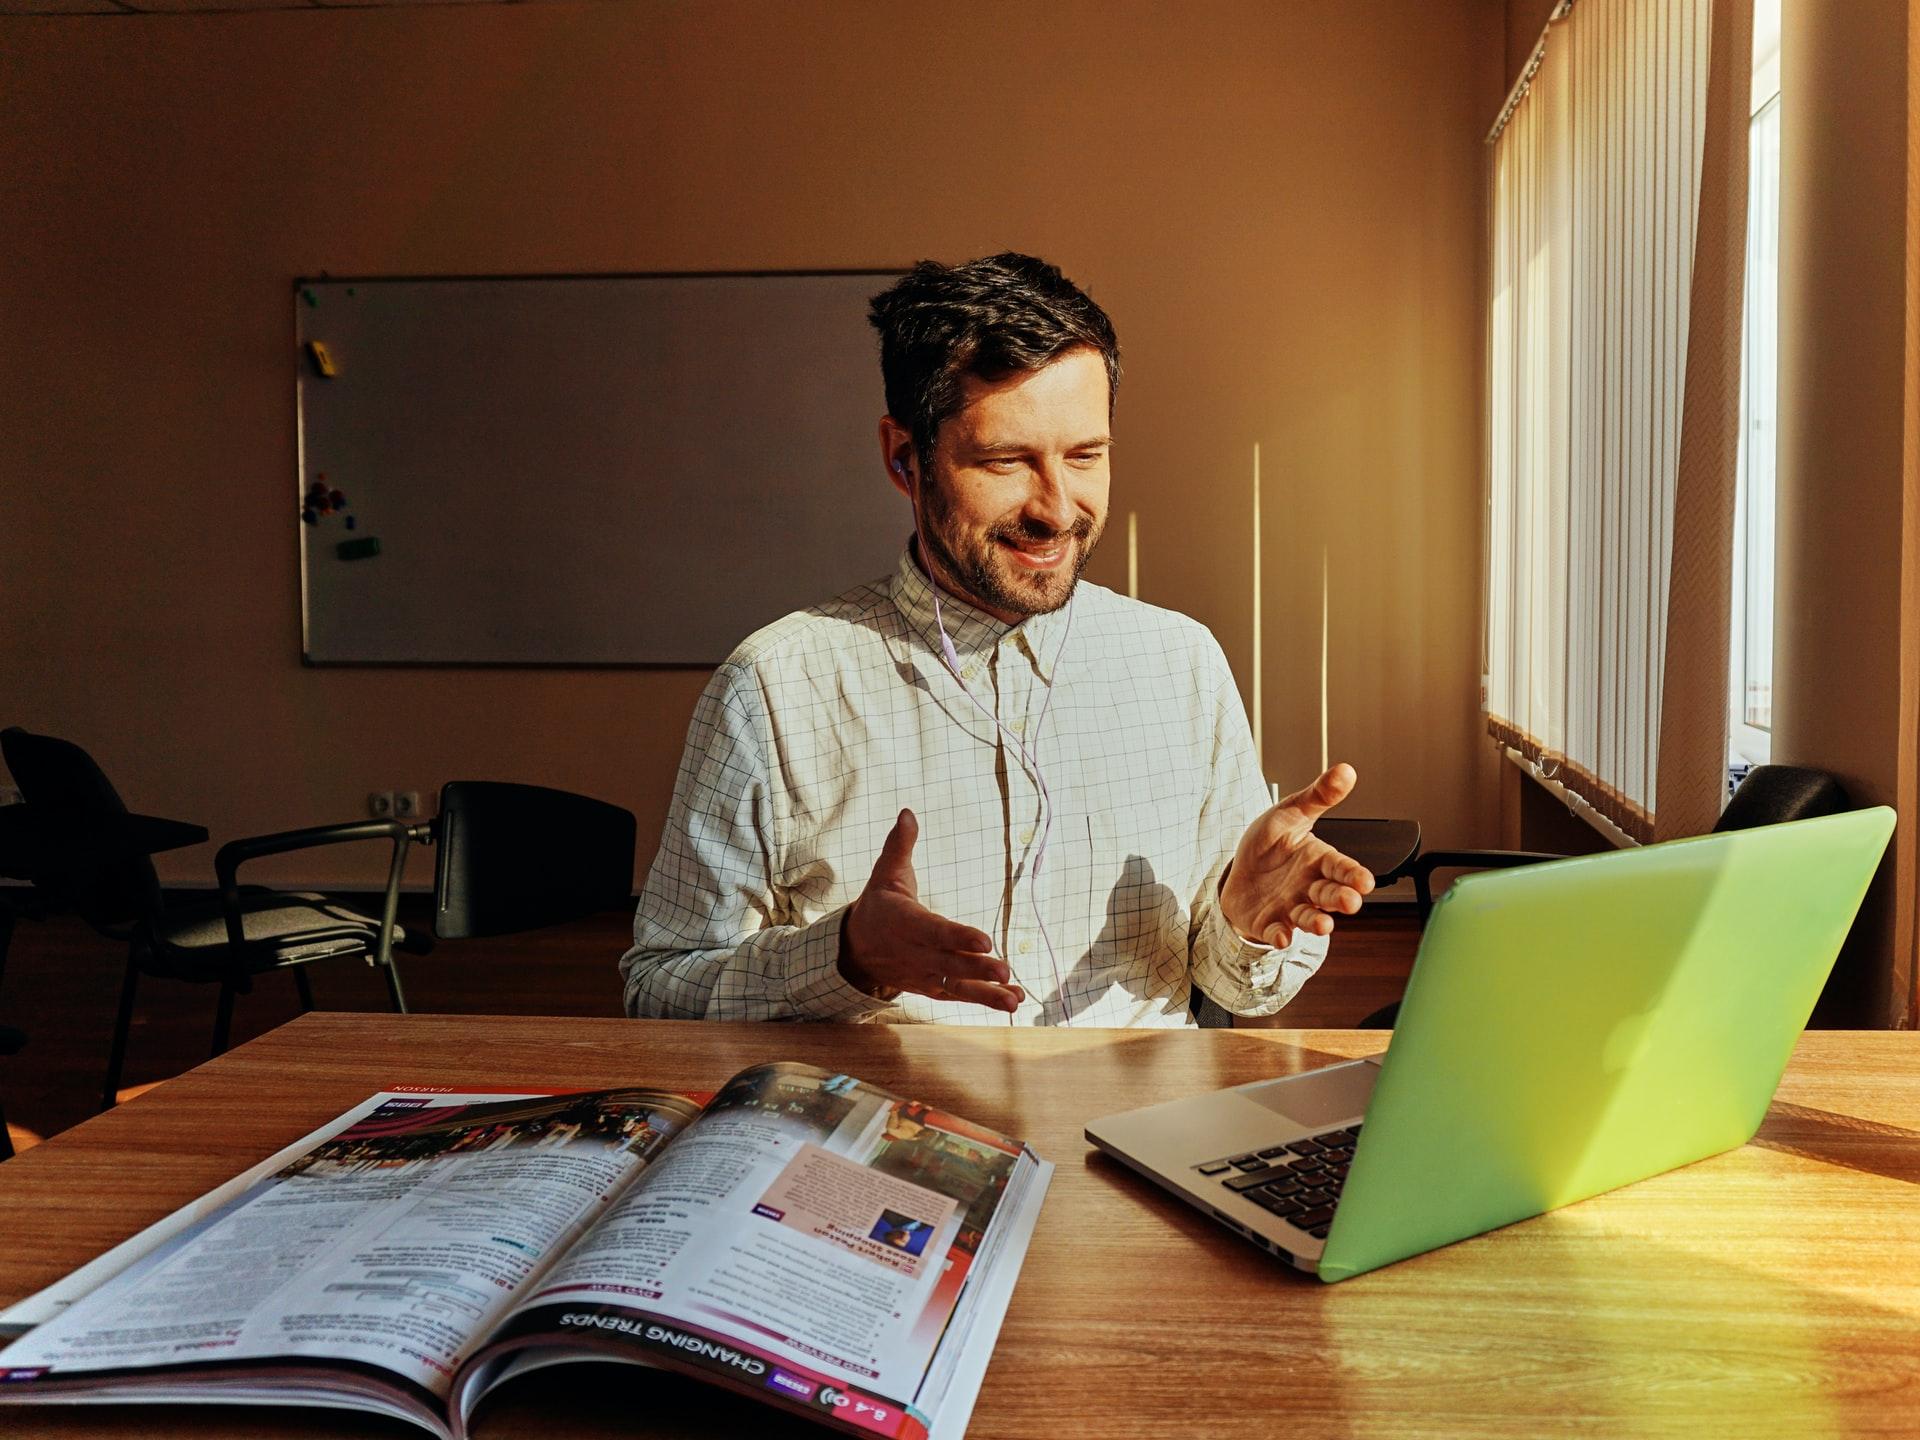 Mand sidder ved computer og får fjernundervisning